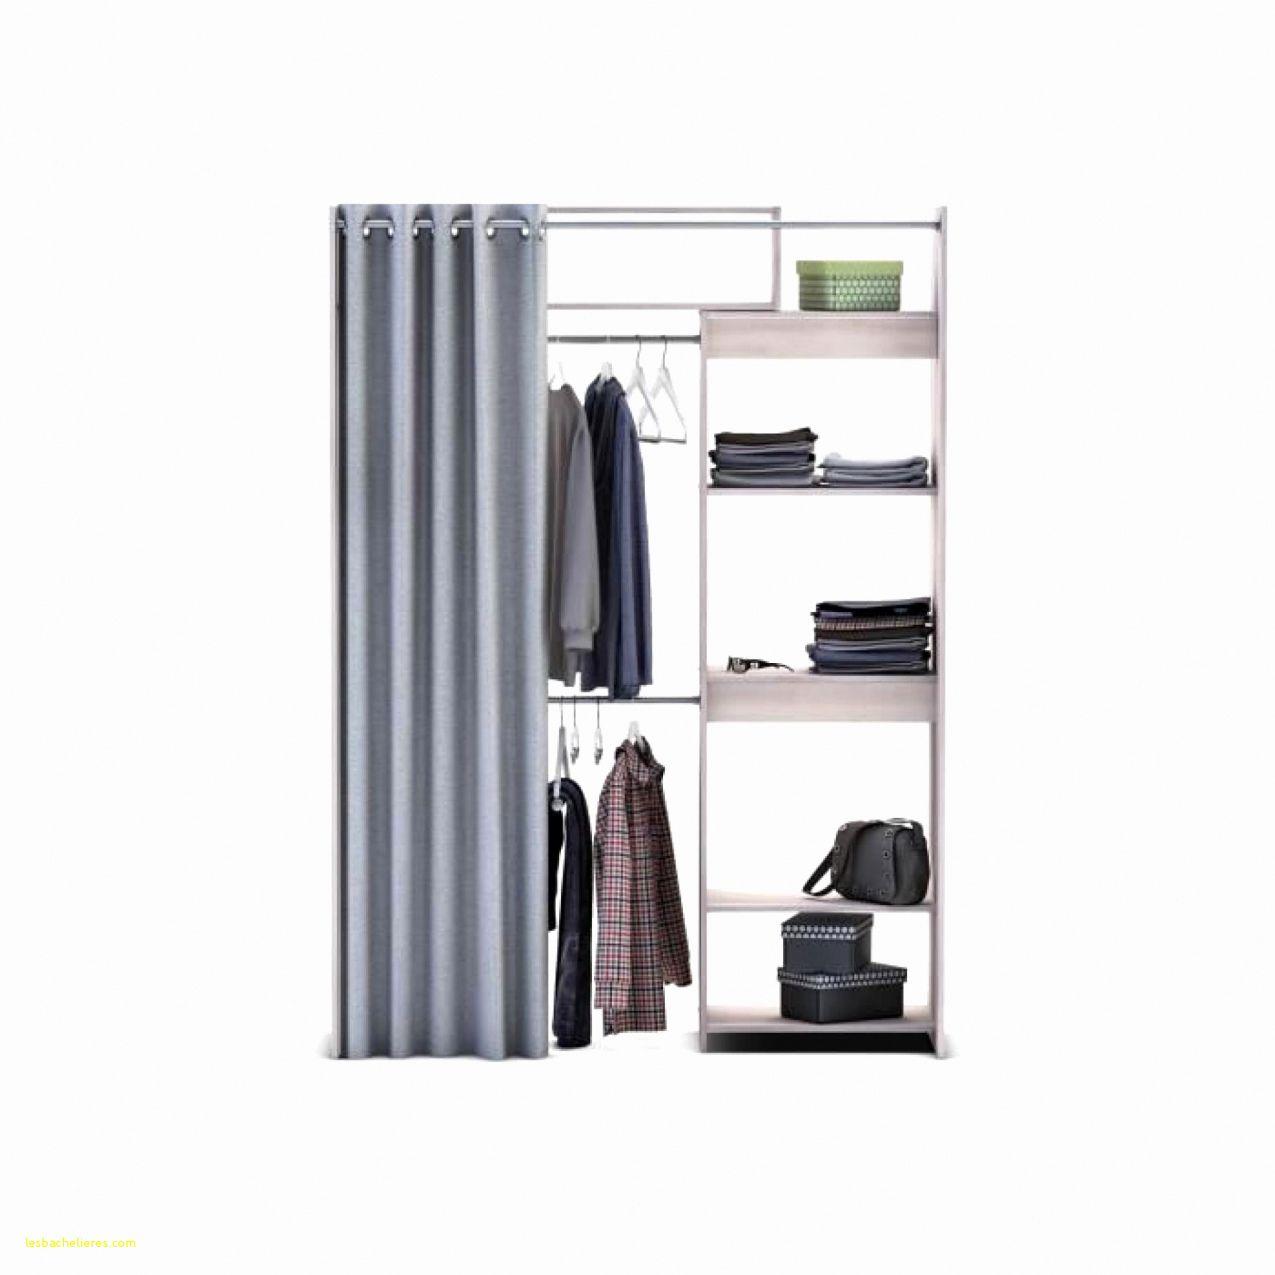 77 Armoire Vestiaire Metallique Ikea 2019 Diy Furniture Bedroom